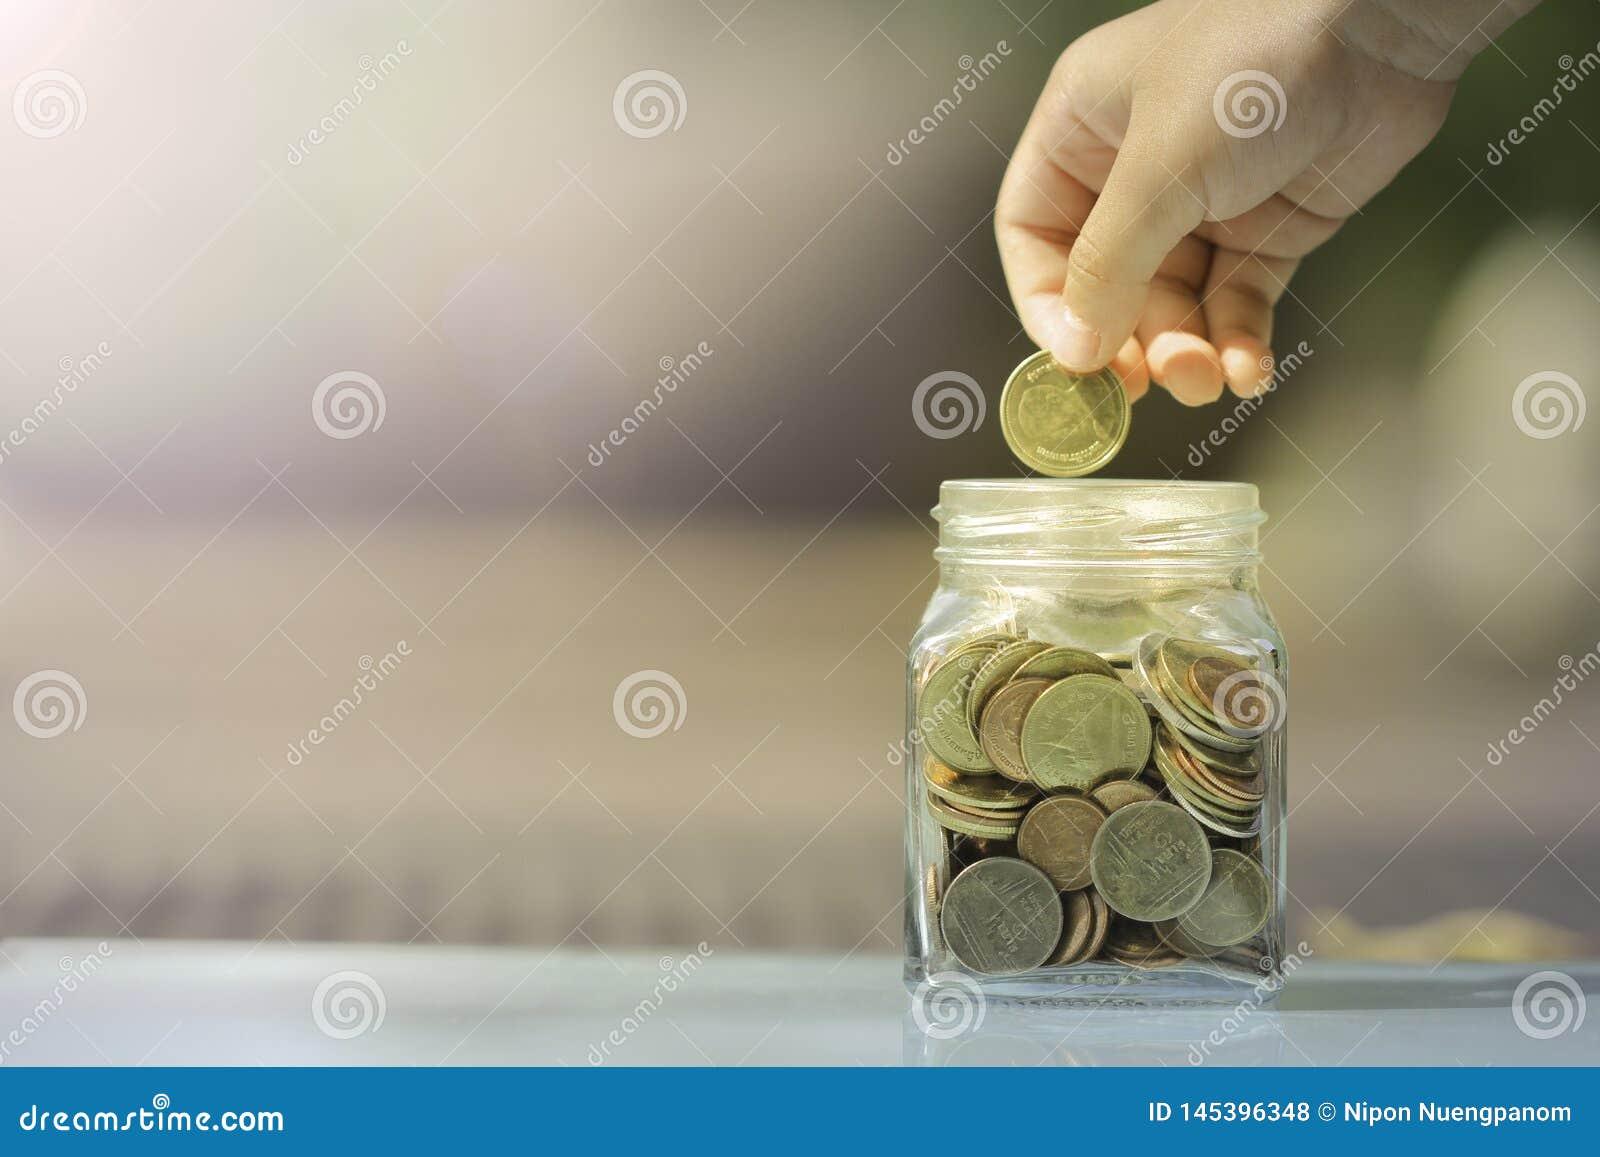 Kid saving coin in glass piggy bank